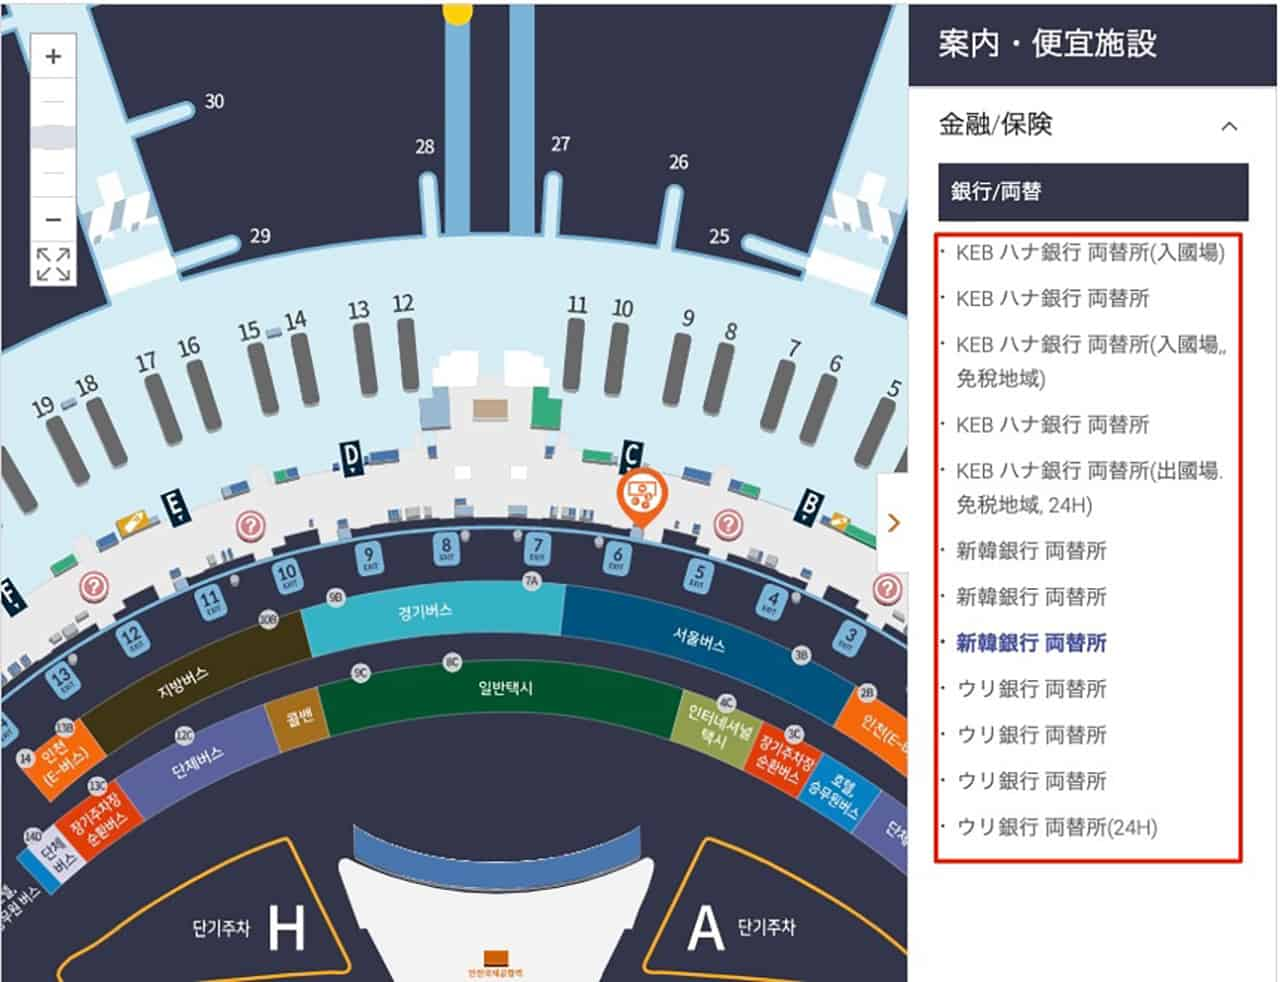 仁川国際空港ロビーマップ